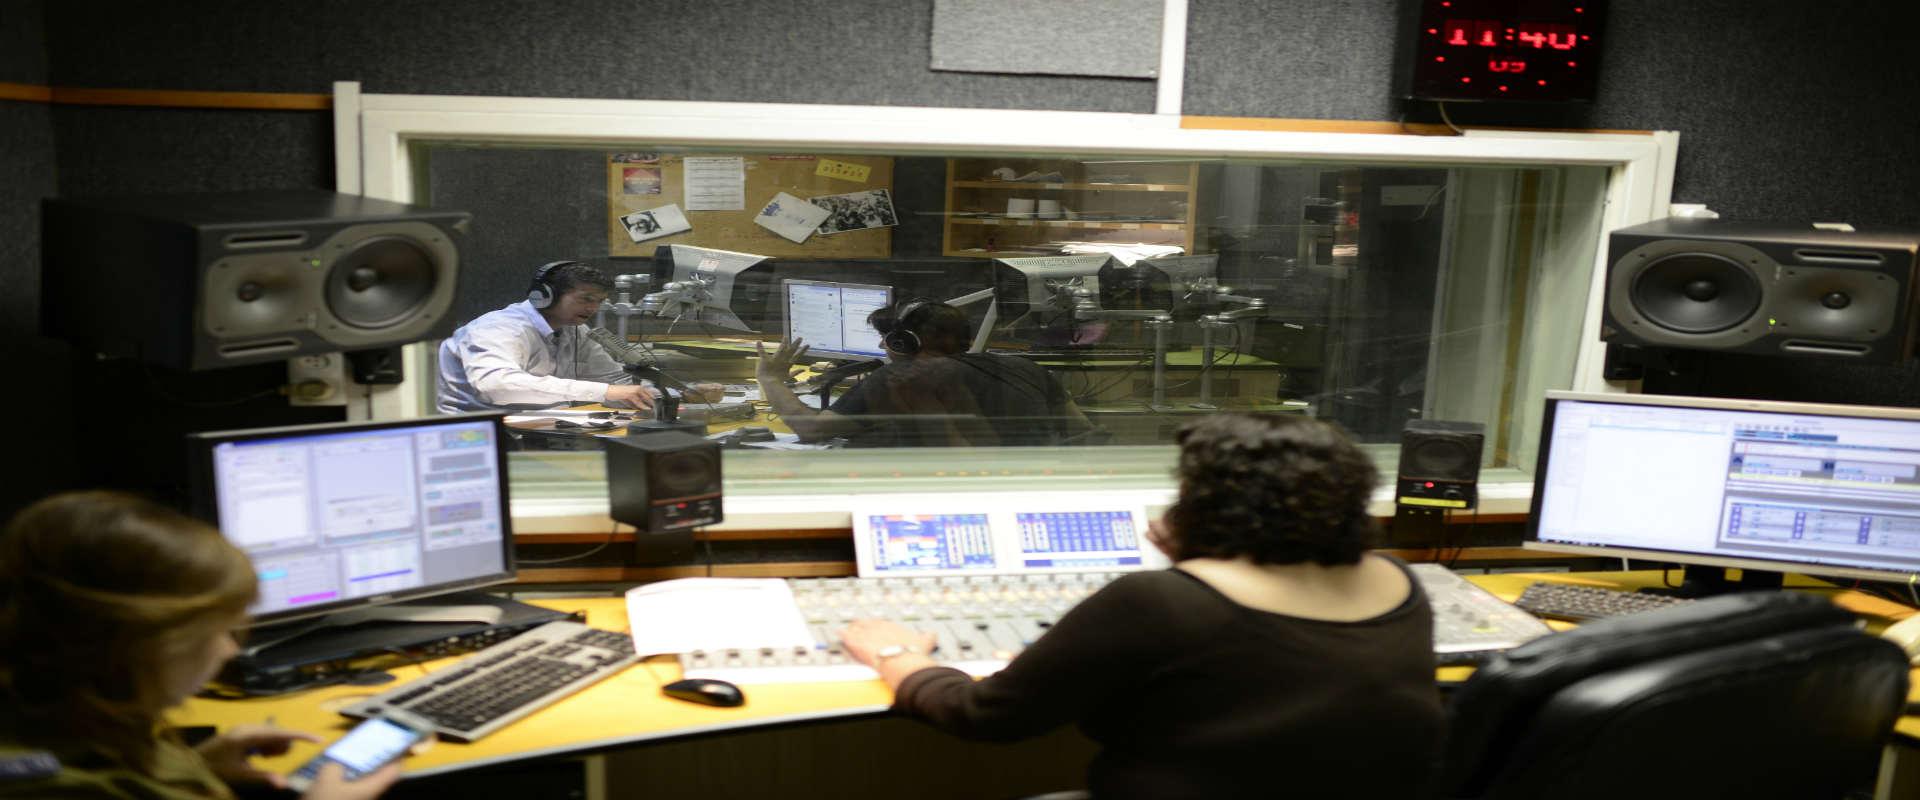 """שידור רדיו בתחנת גלי צה""""ל"""